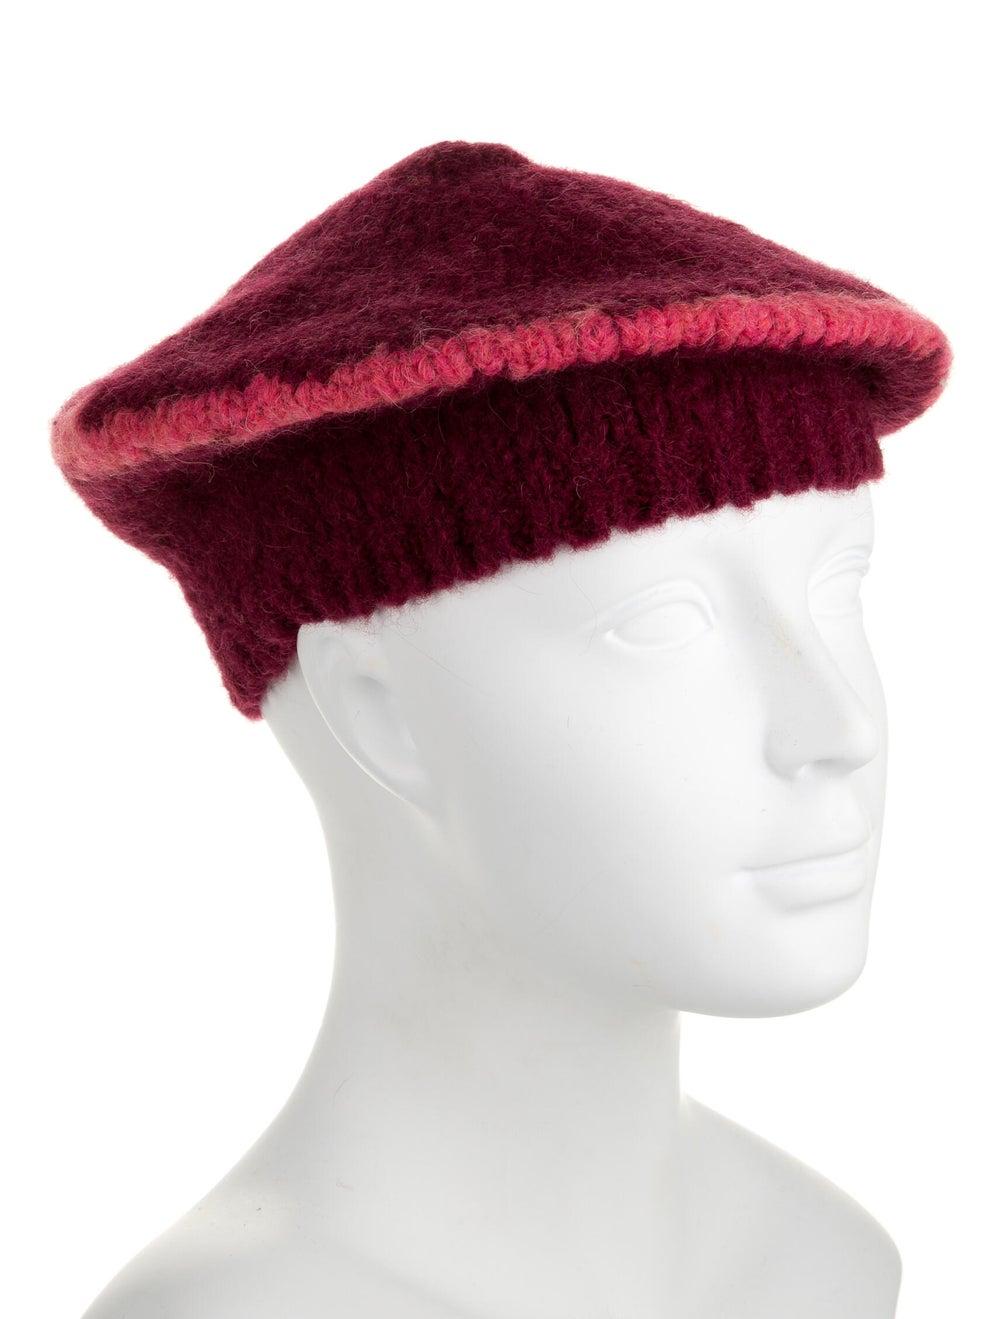 Paloma Wool Two-Tone Knit Beret pink - image 3